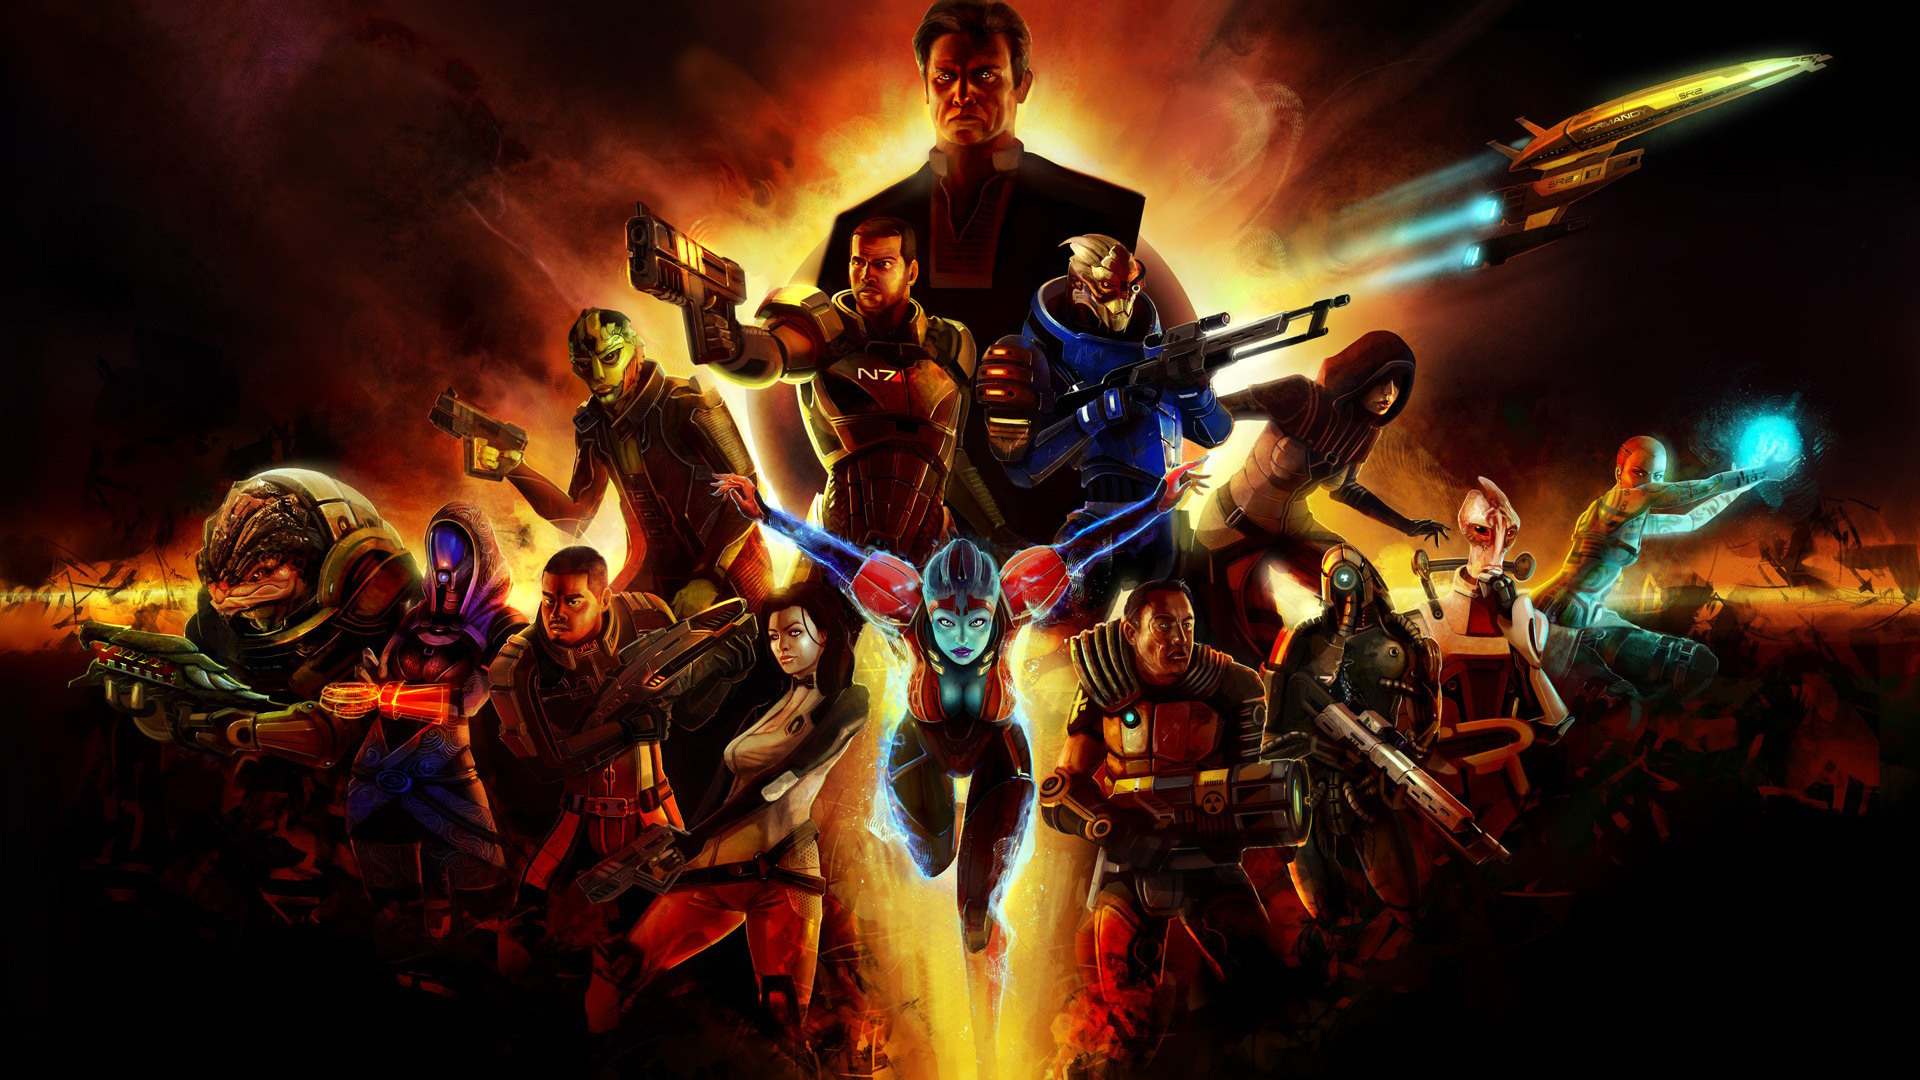 Mass Effect 2 wallpaper 5